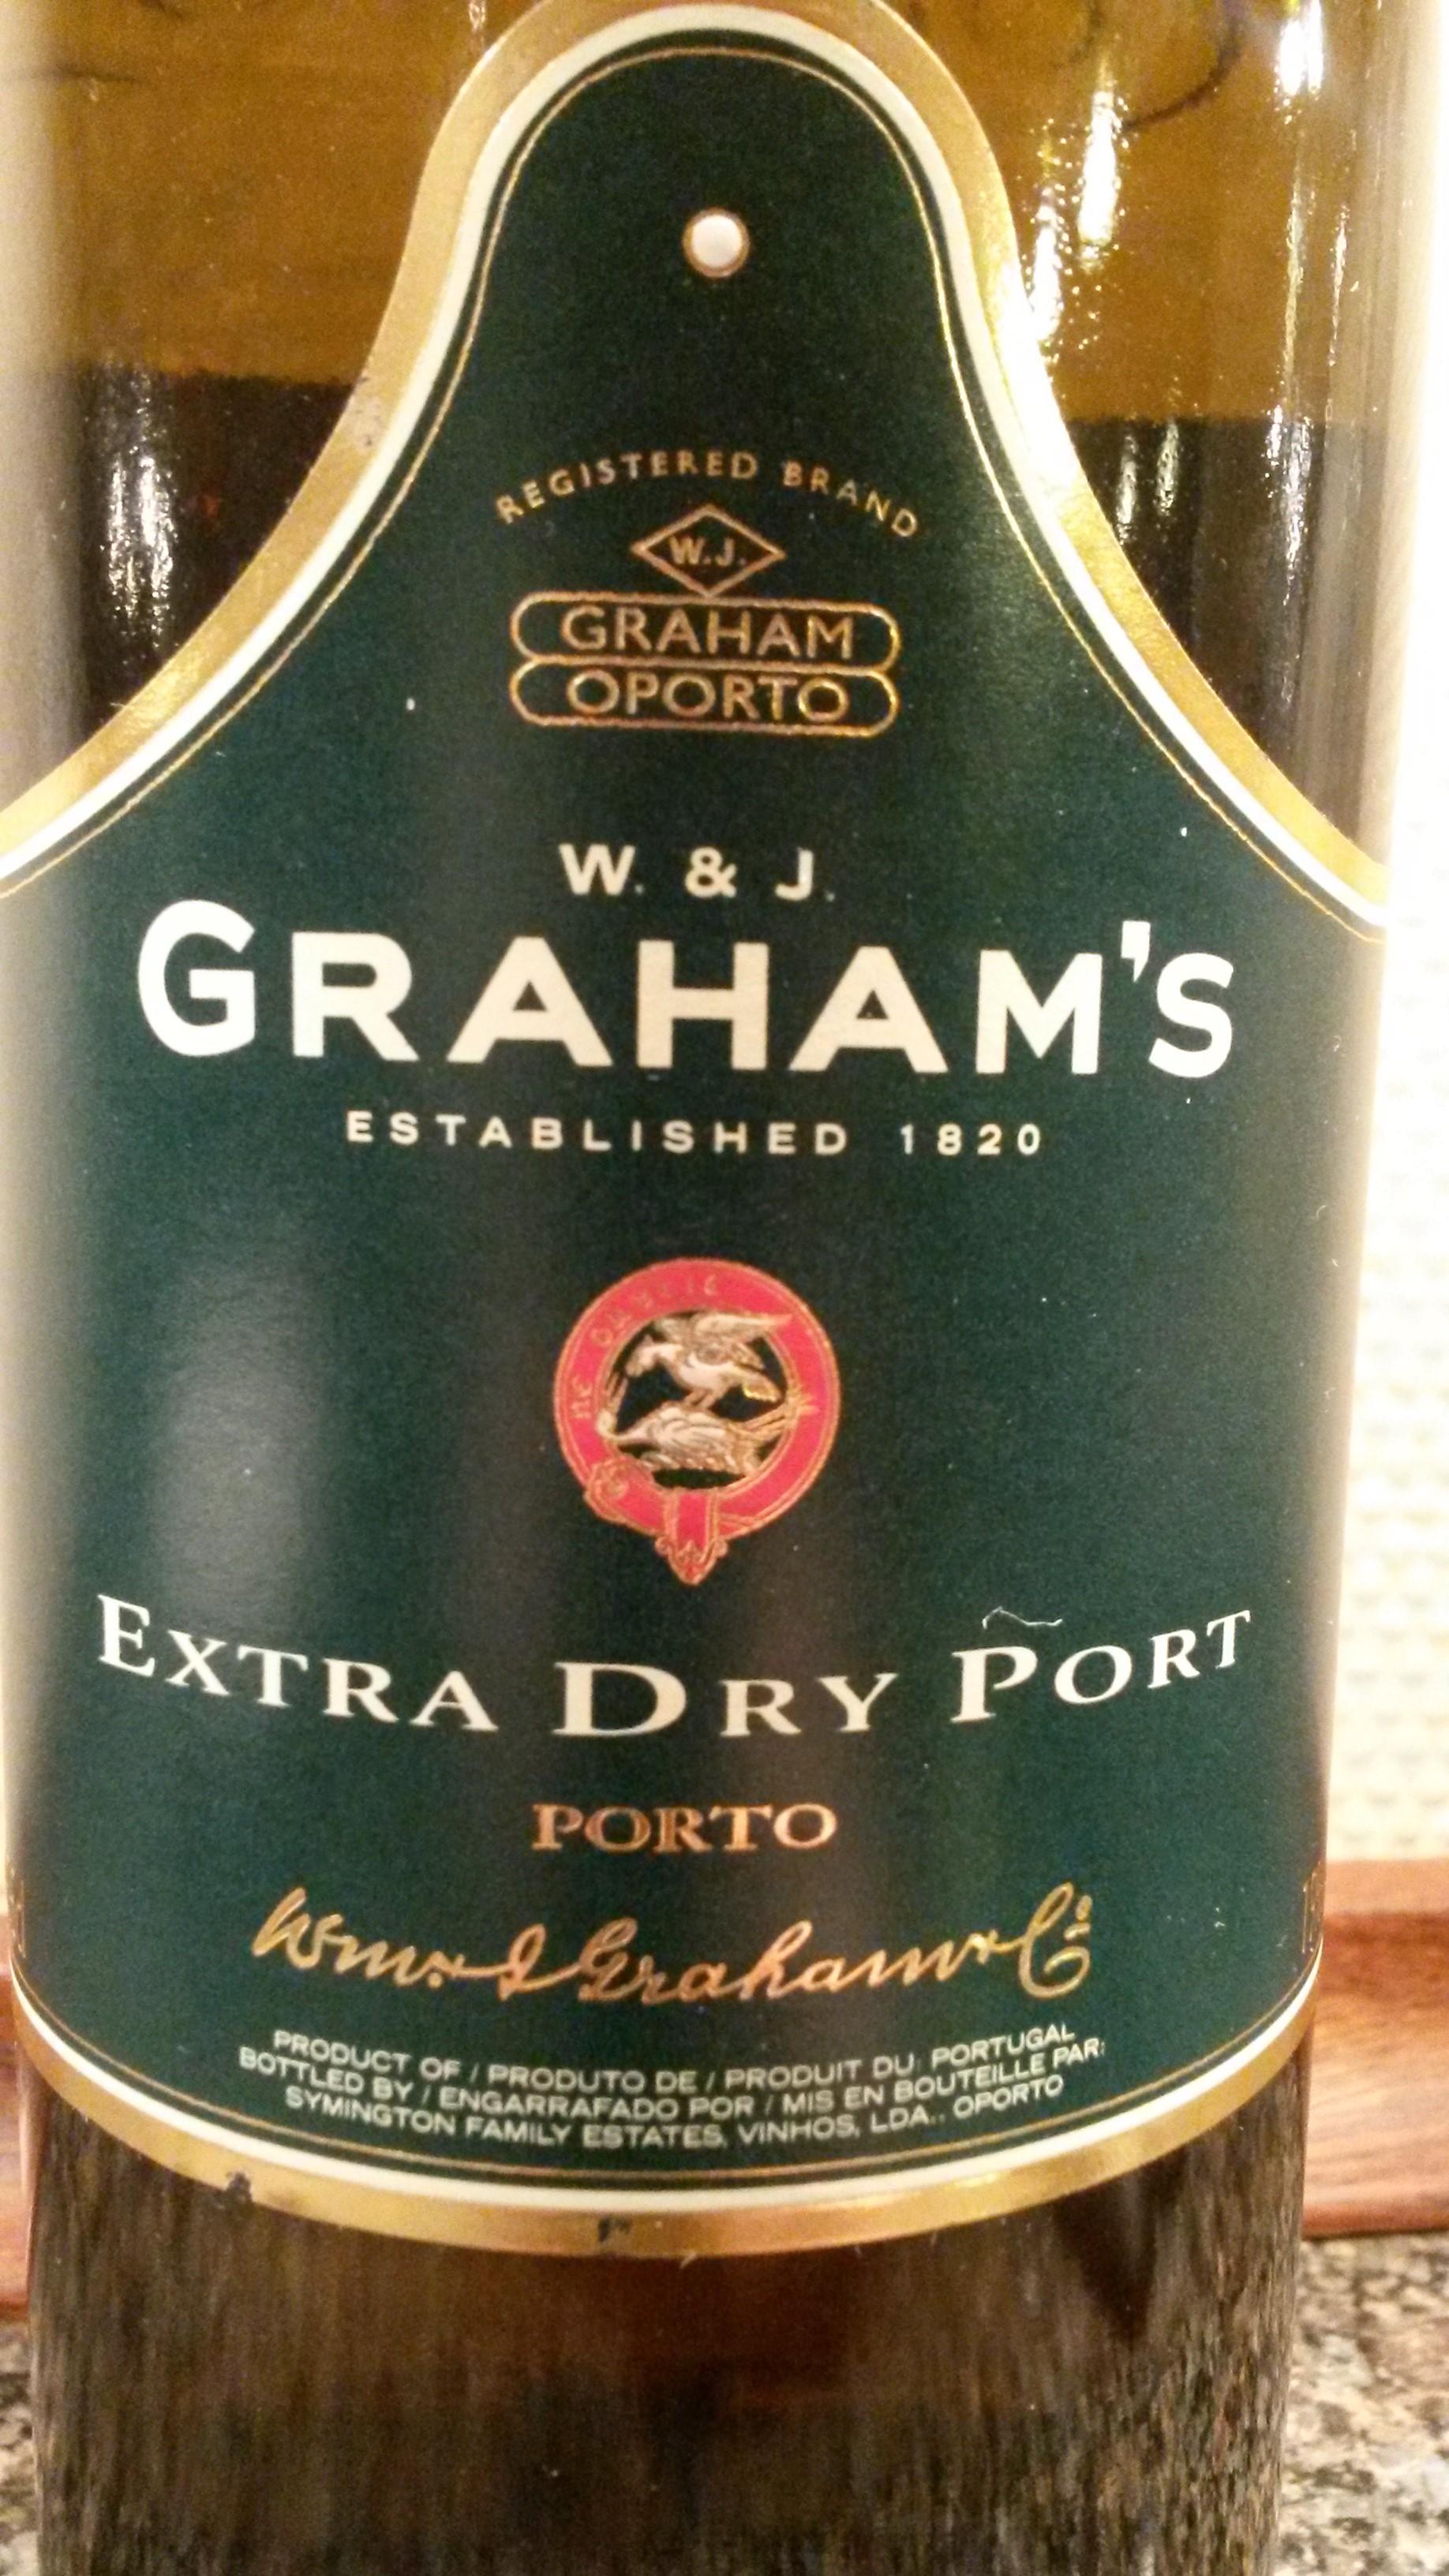 Grahams dry white